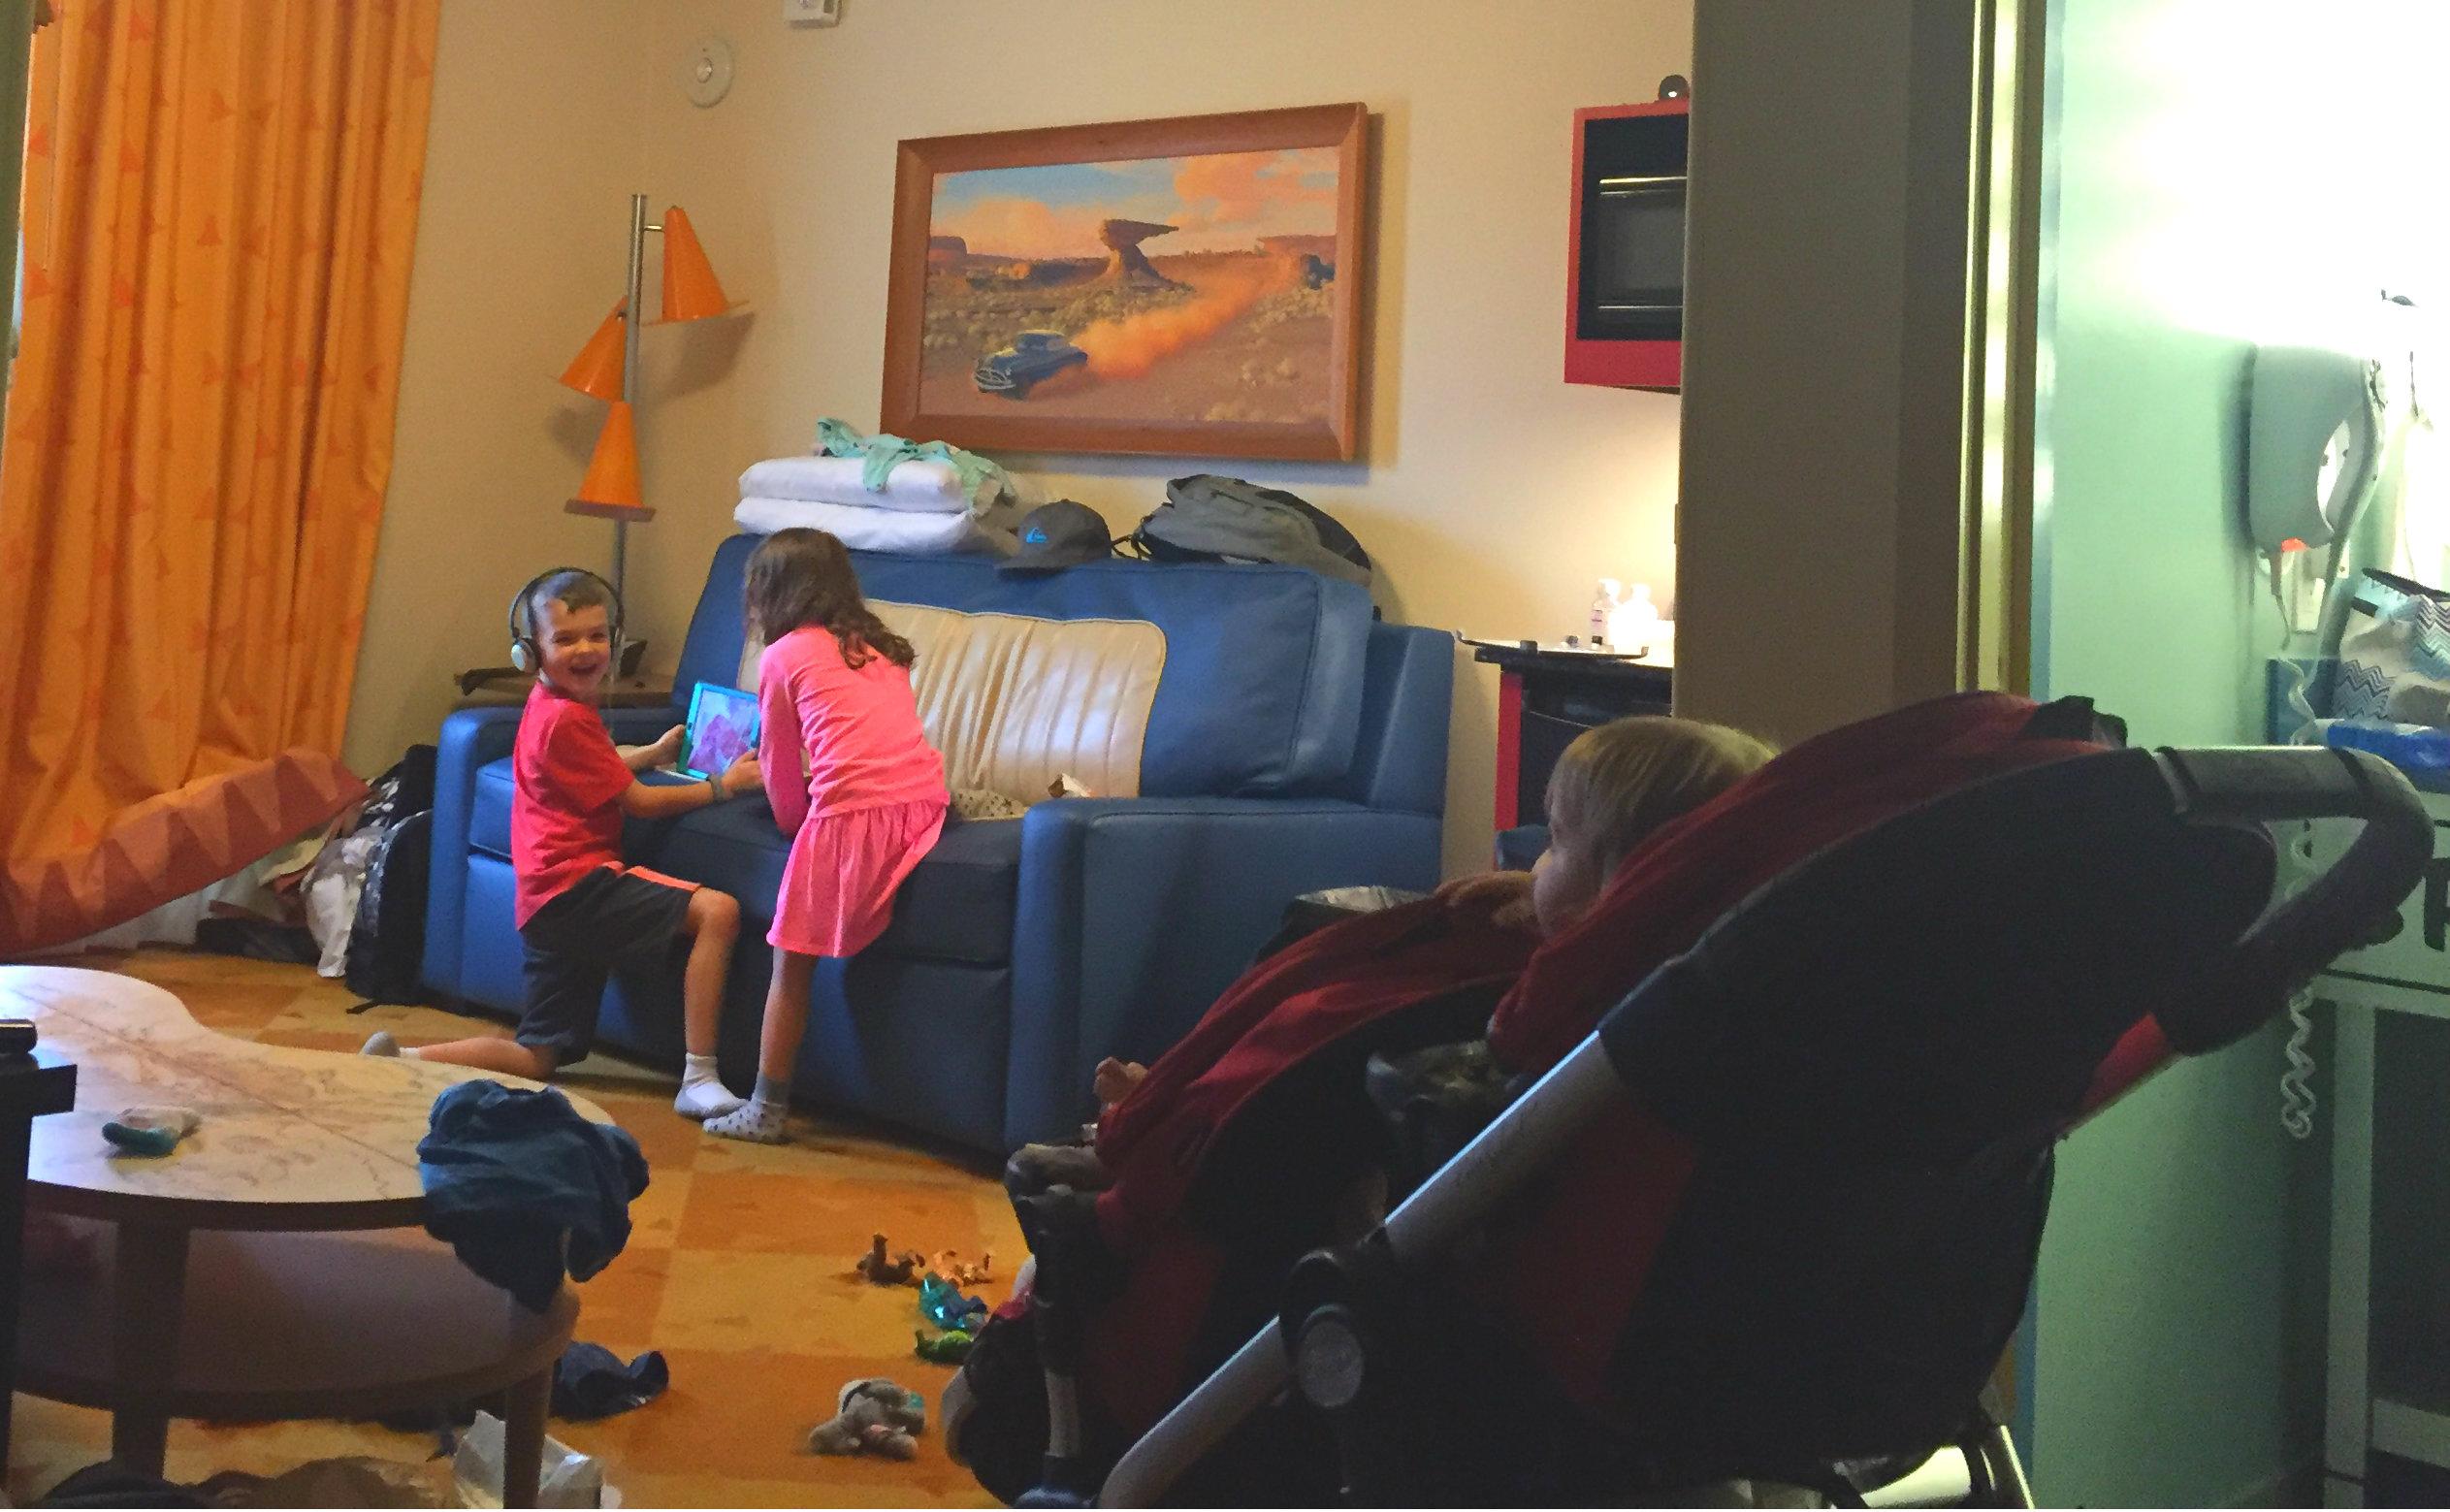 Stroller in hotel room